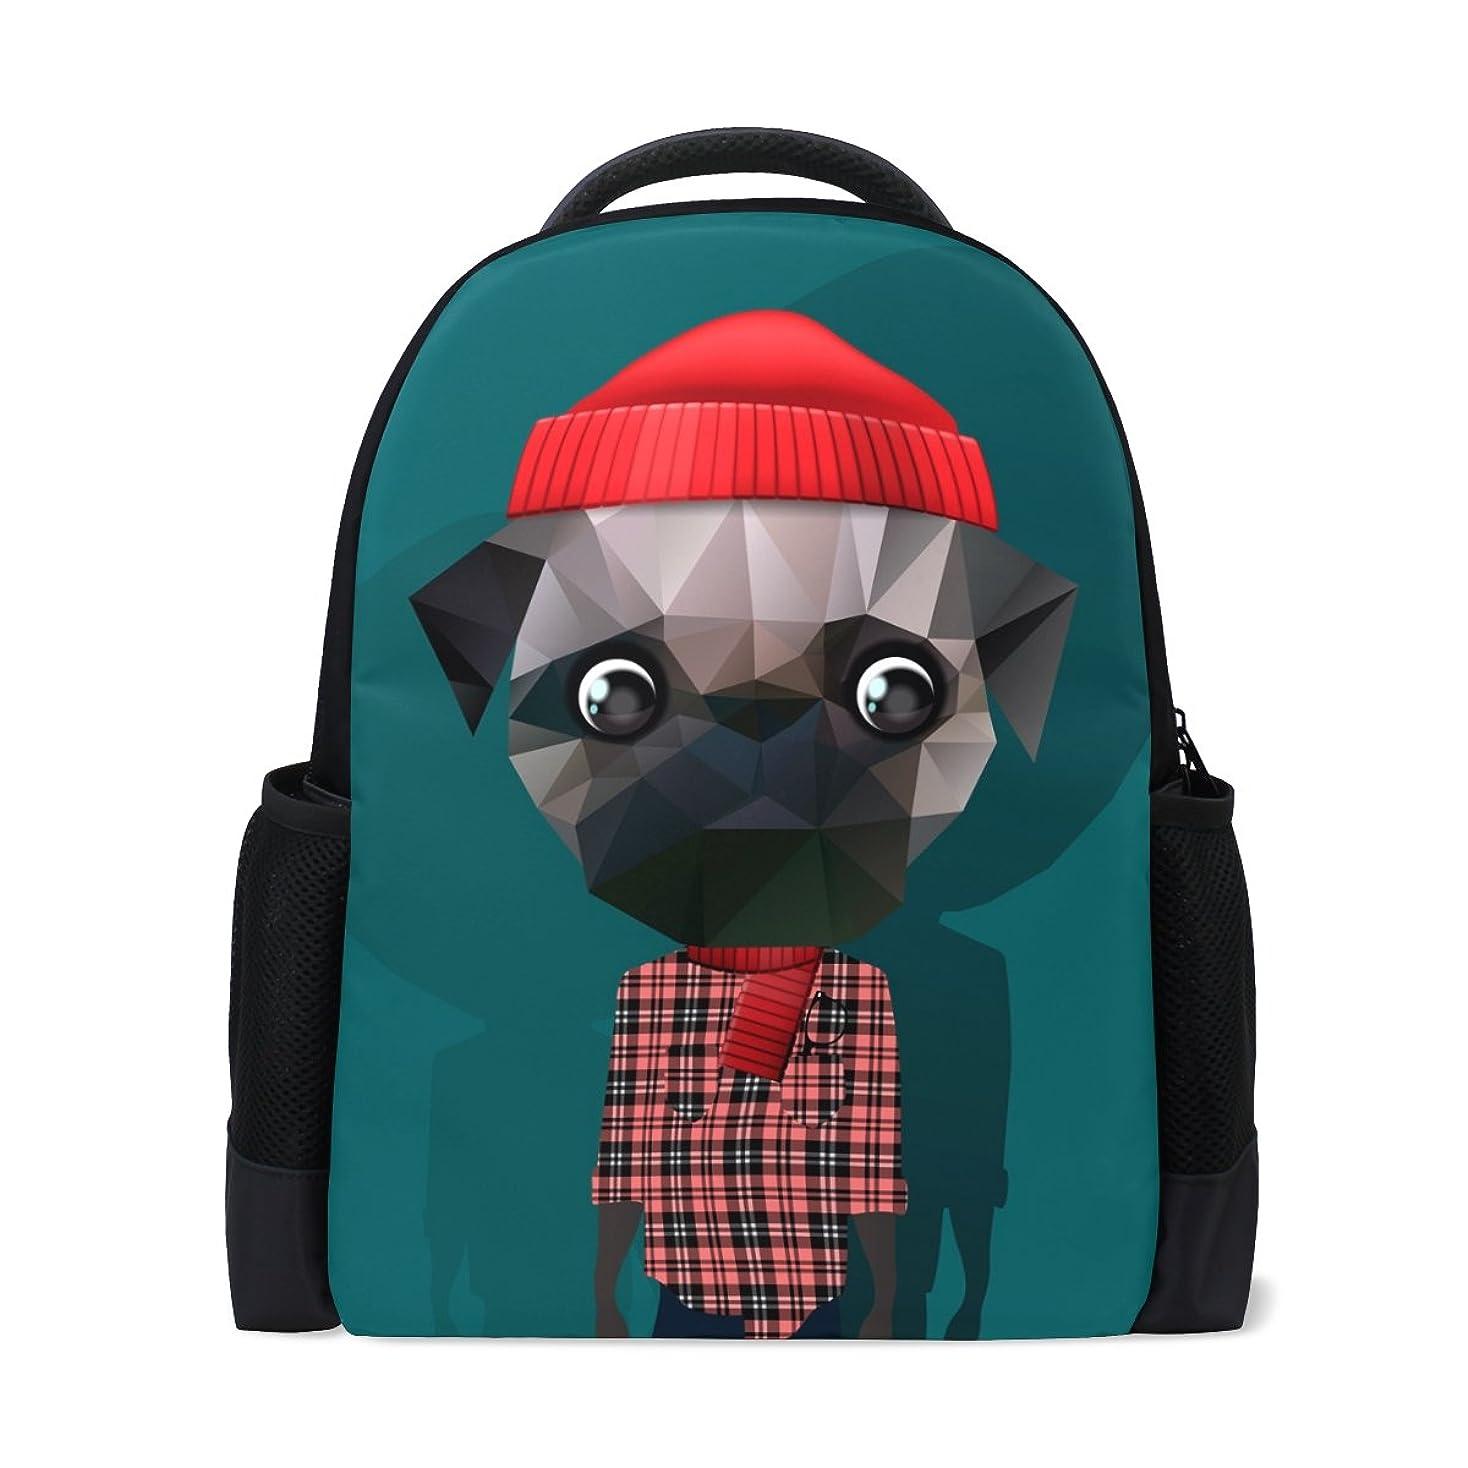 契約敬なピジンAOMOKI リュックサック バッグ 男女兼用 通勤 通学 大容量 メンズ レディース 犬 幾何学